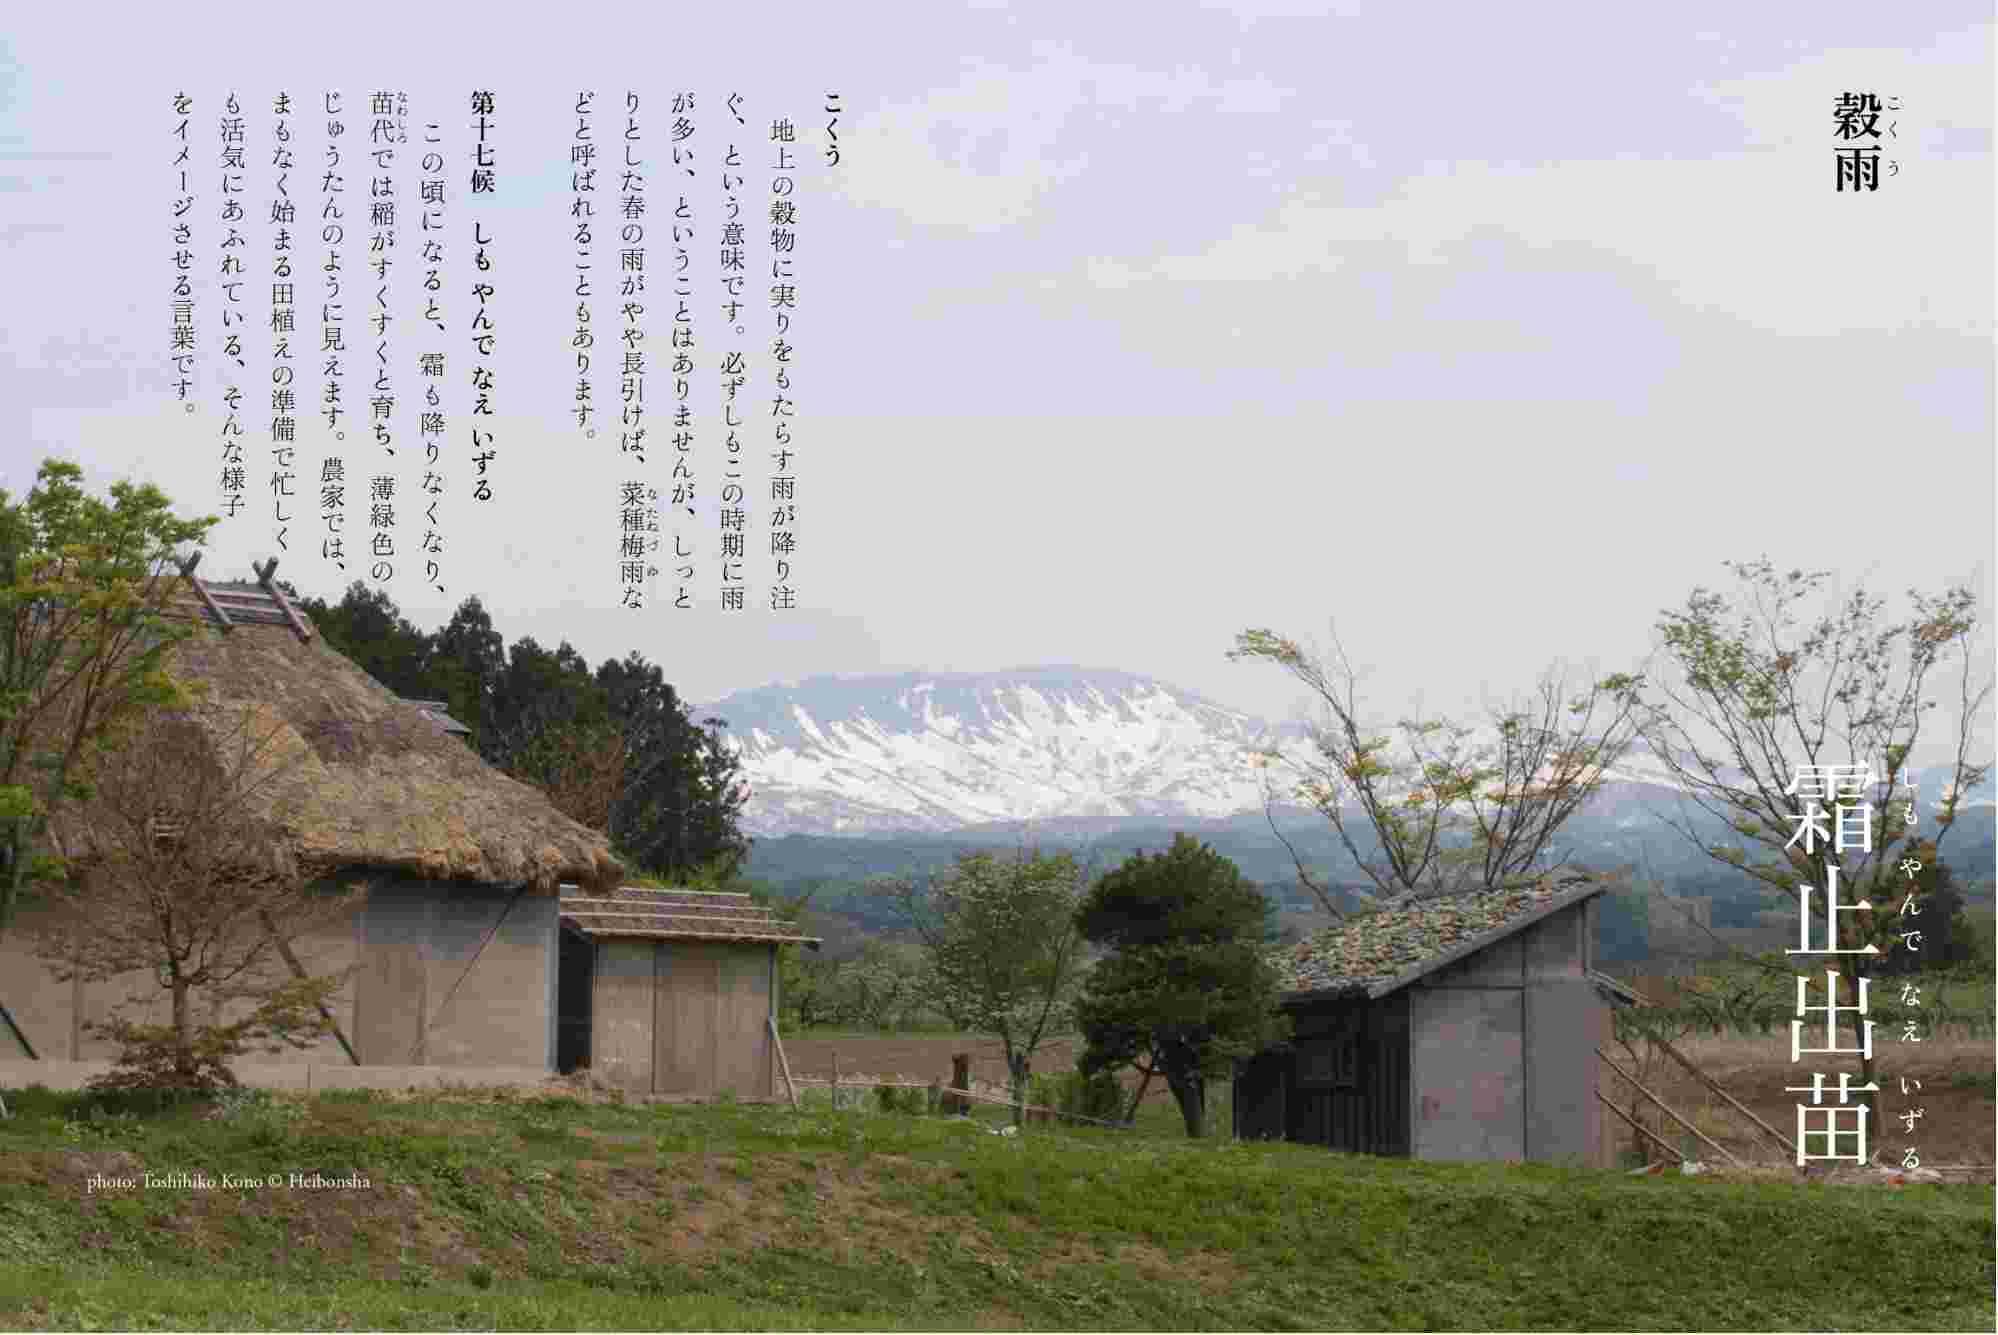 札幌にもサクラ_c0025115_22110541.jpg